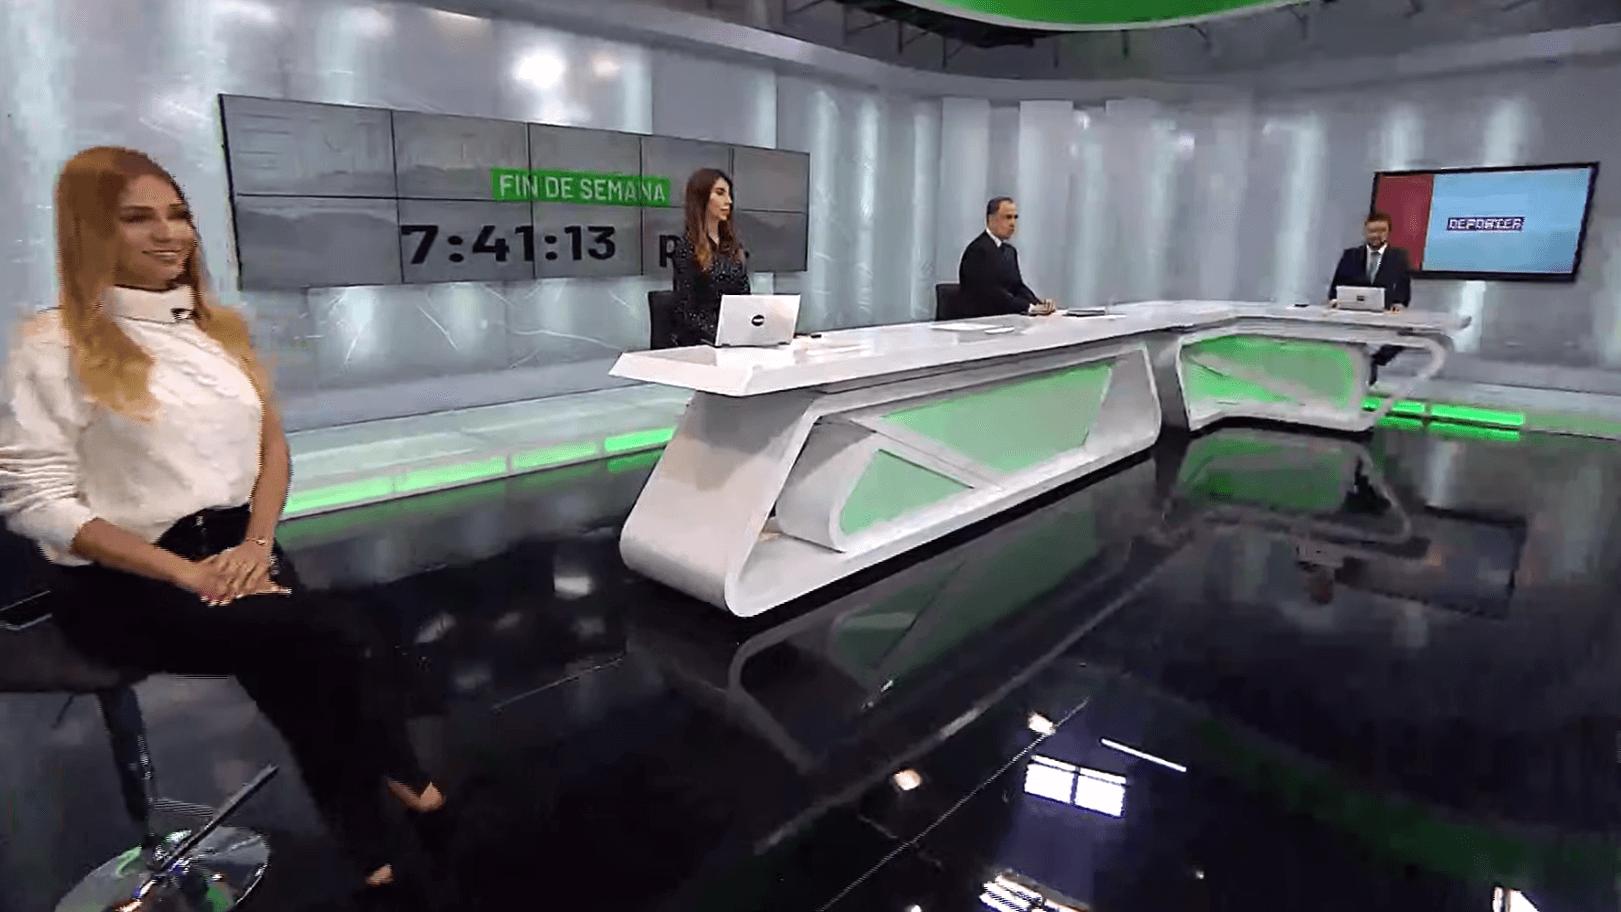 Teleantioquia Noticias - Lunes 14 de junio de 2021 noche